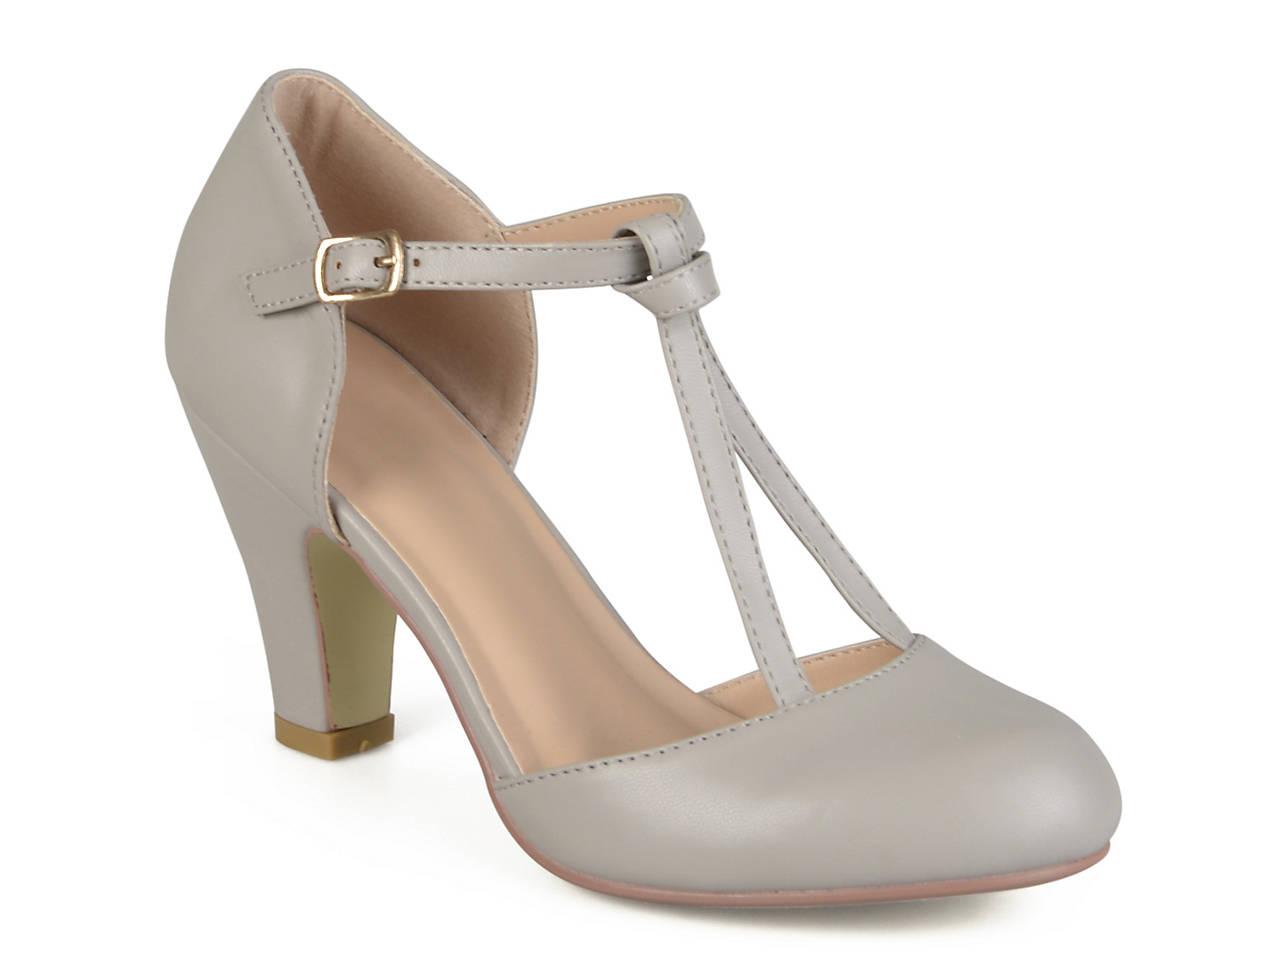 Women's Ankle Strap Pumps | DSW